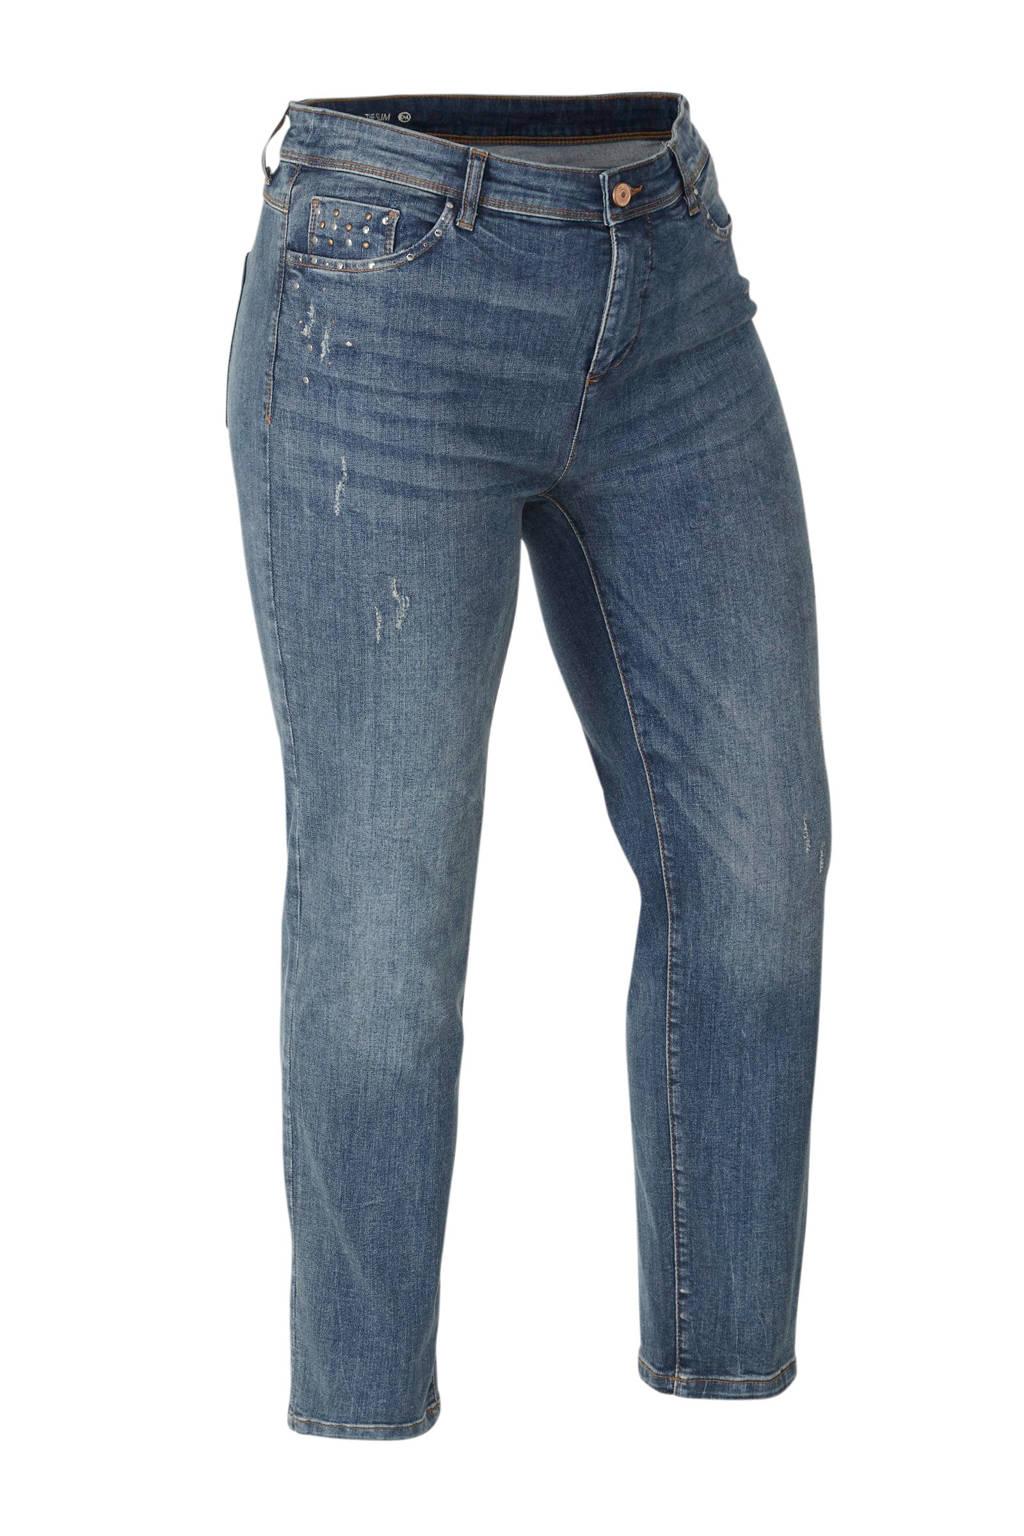 C&A The Denim XL slim fit jeans met studs denim blauw, Denim blauw